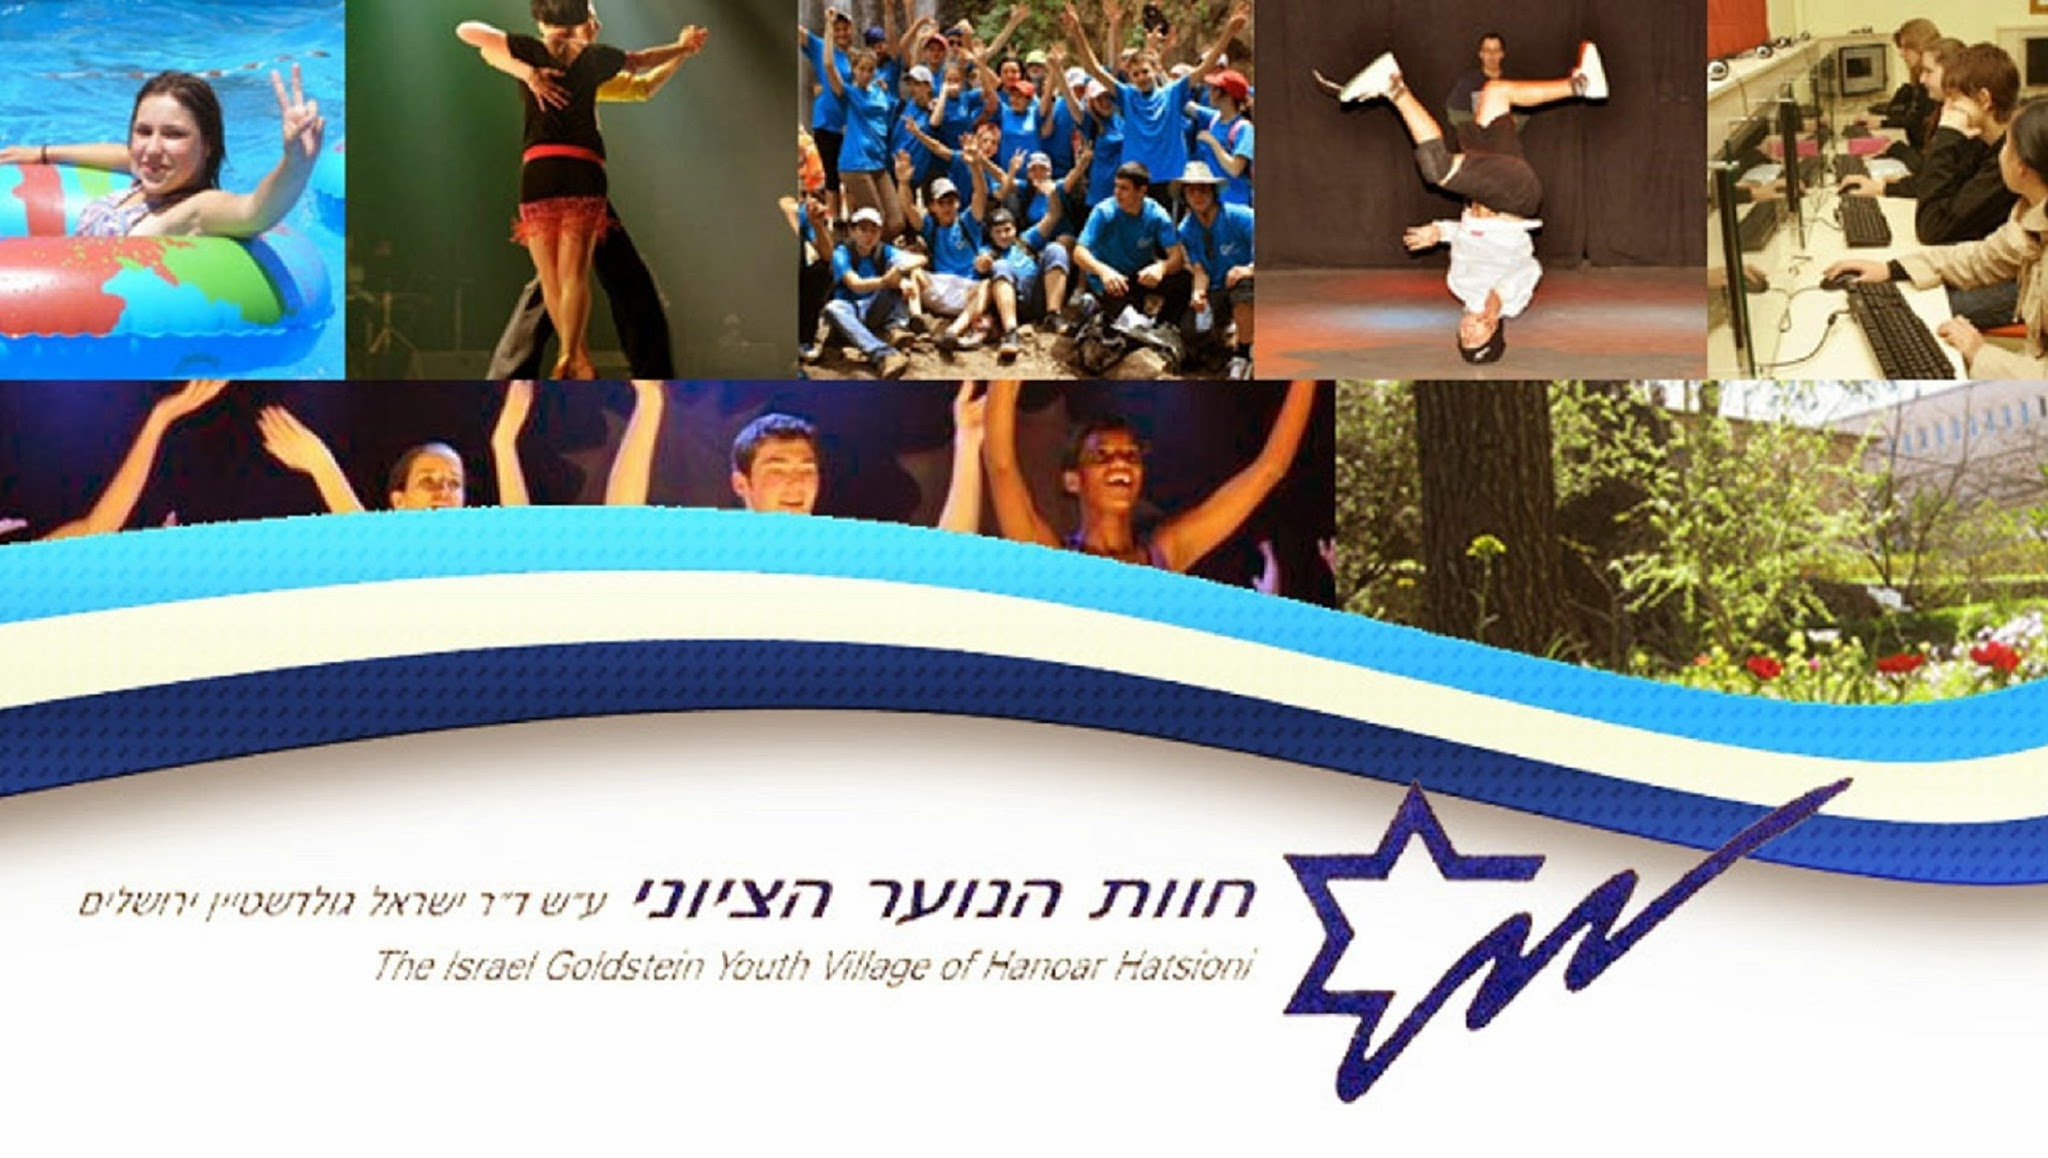 חוות הנוער הציוני בירושלים